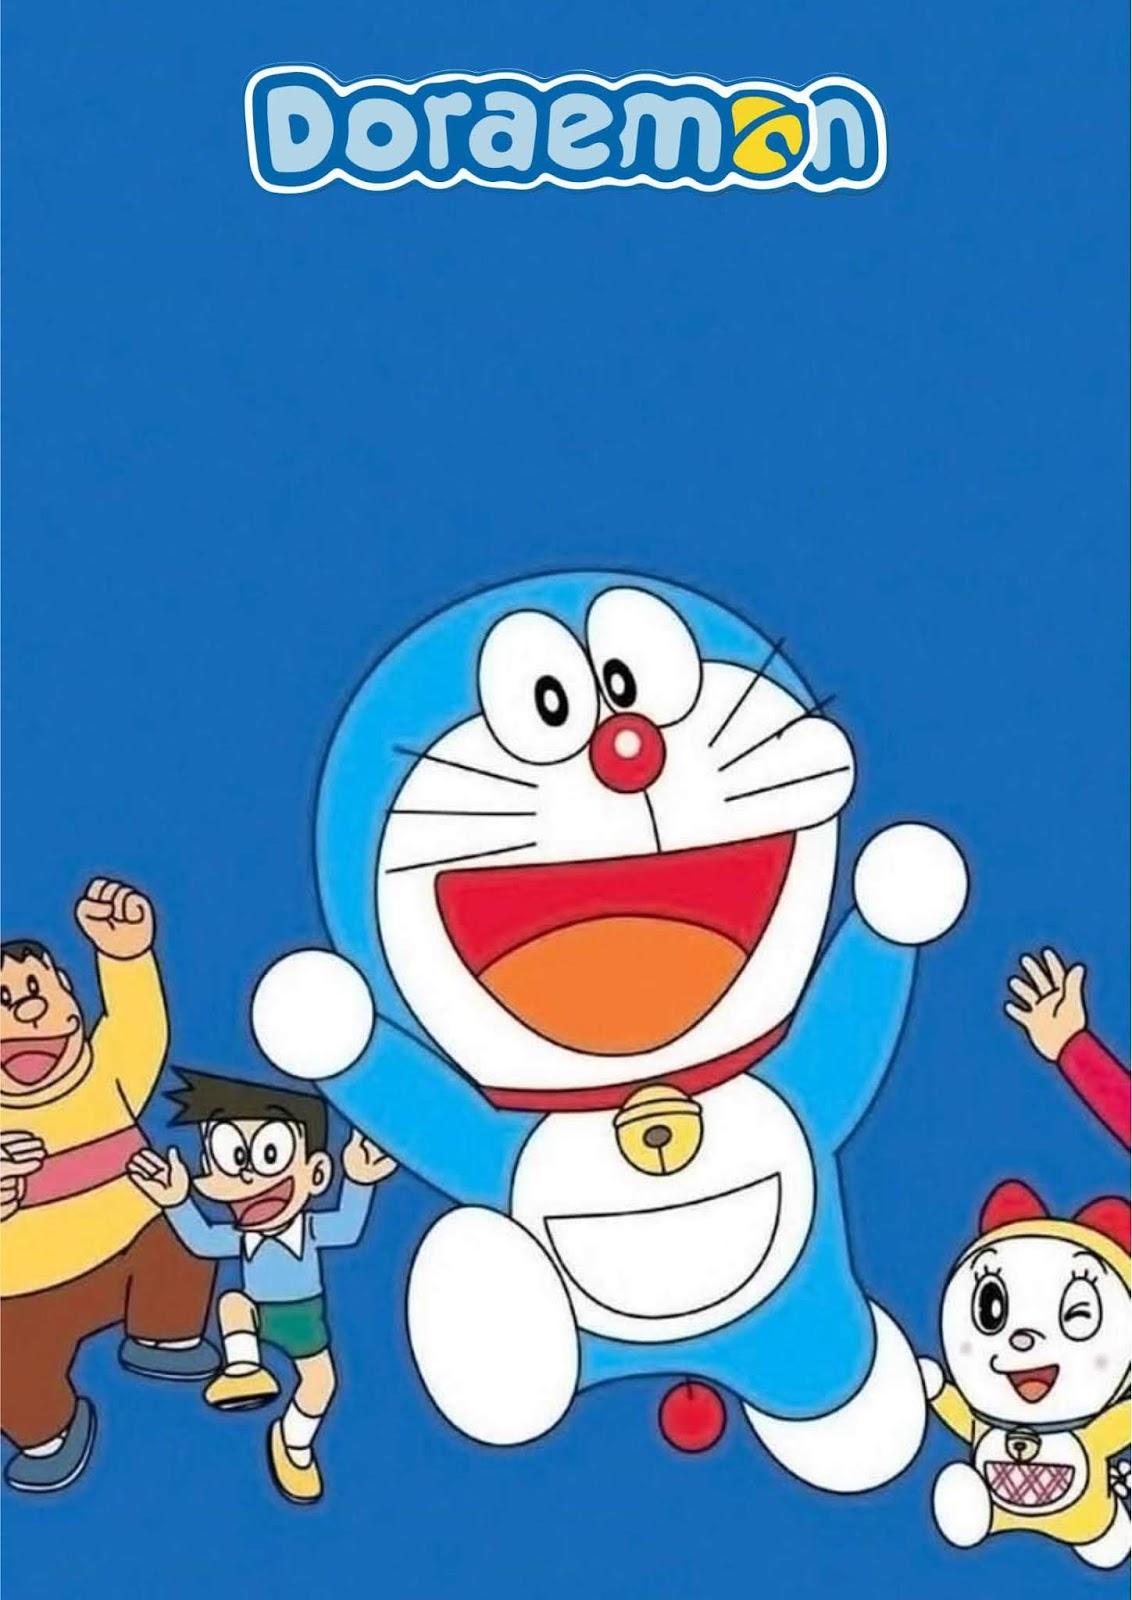 54 Gambar Kartun Doraemon Lucu Dan Imut Terbaru 2020